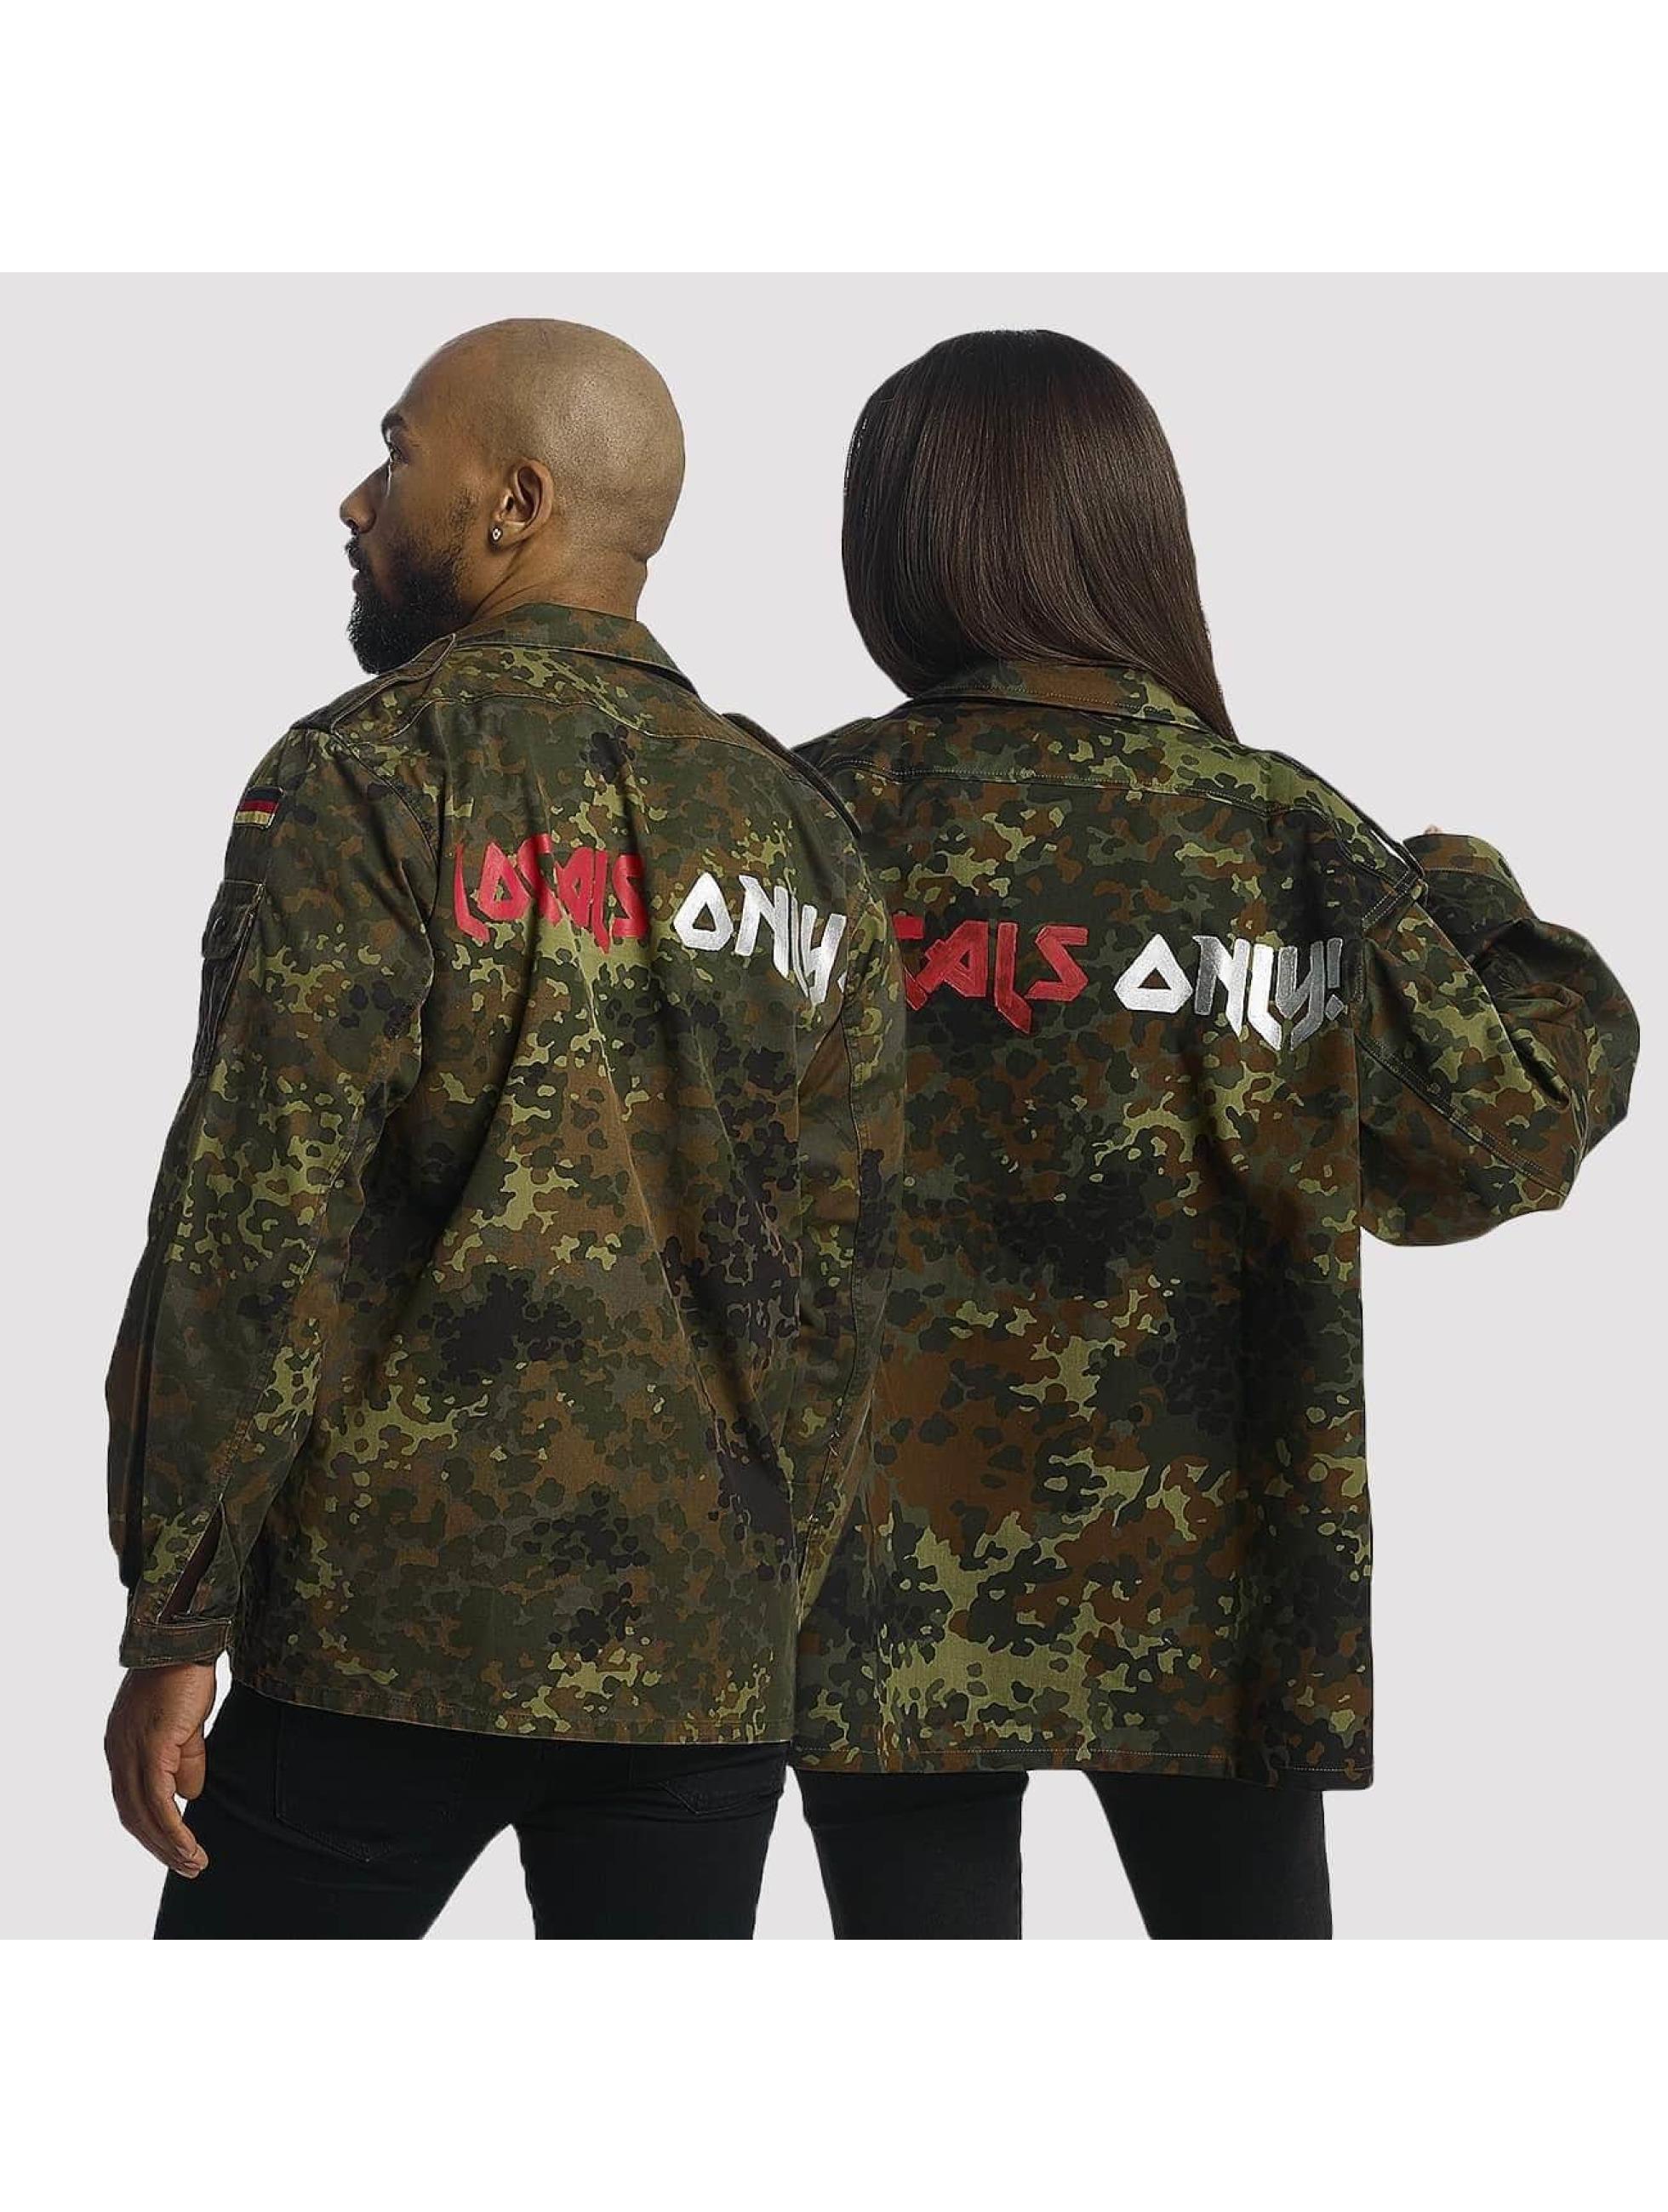 Soniush Männer Übergangsjacke Defshop Exclusive Locals Only! in camouflage